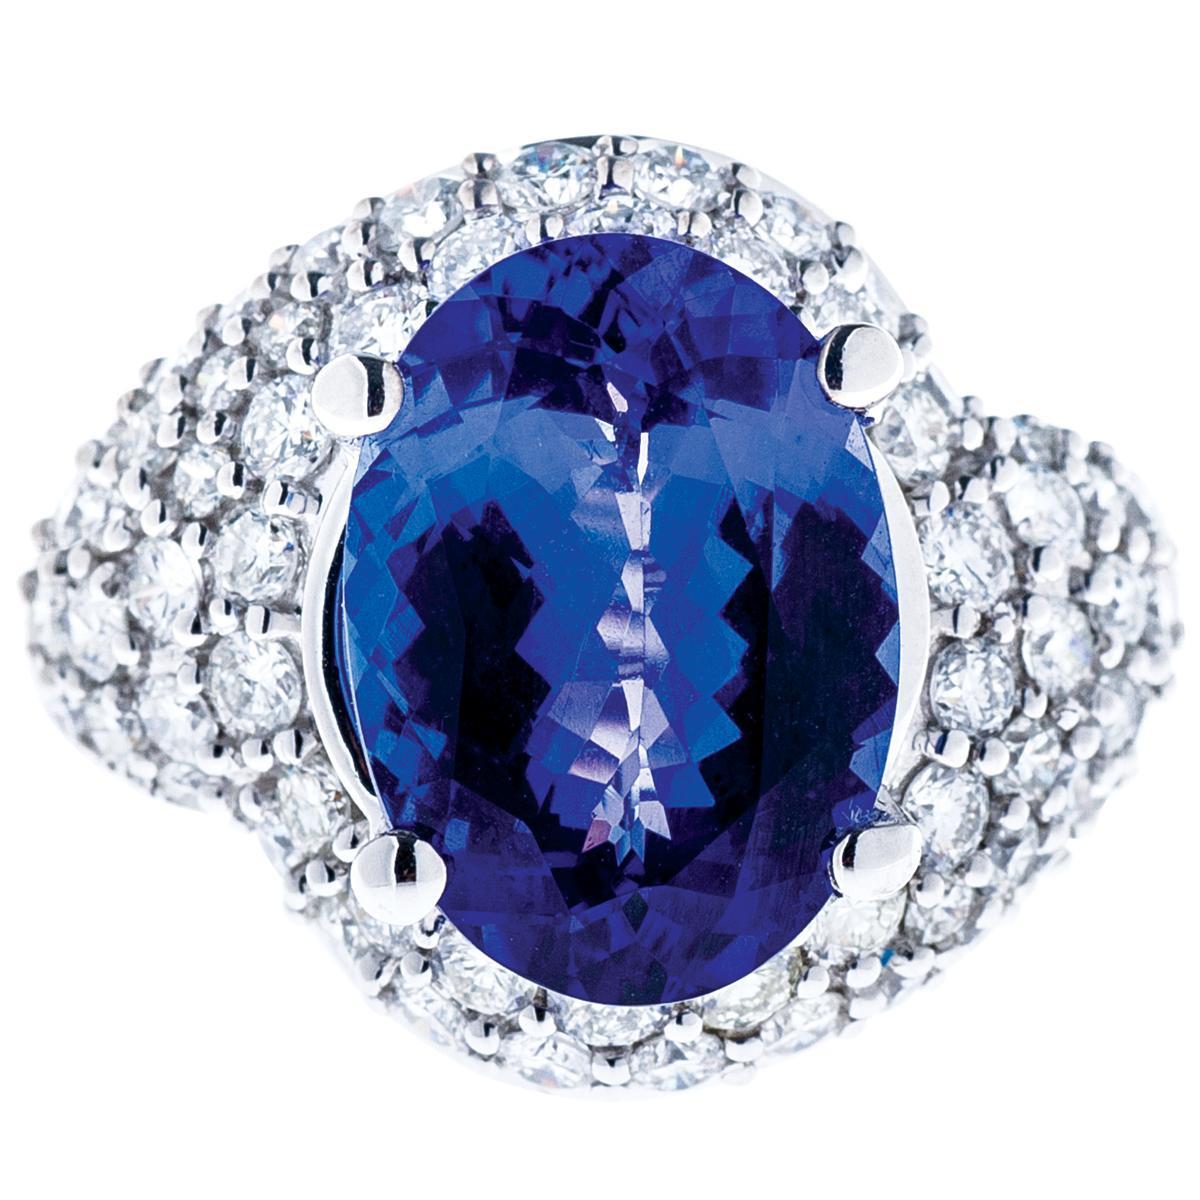 5.50 CT Tanzanite and Diamond Ring